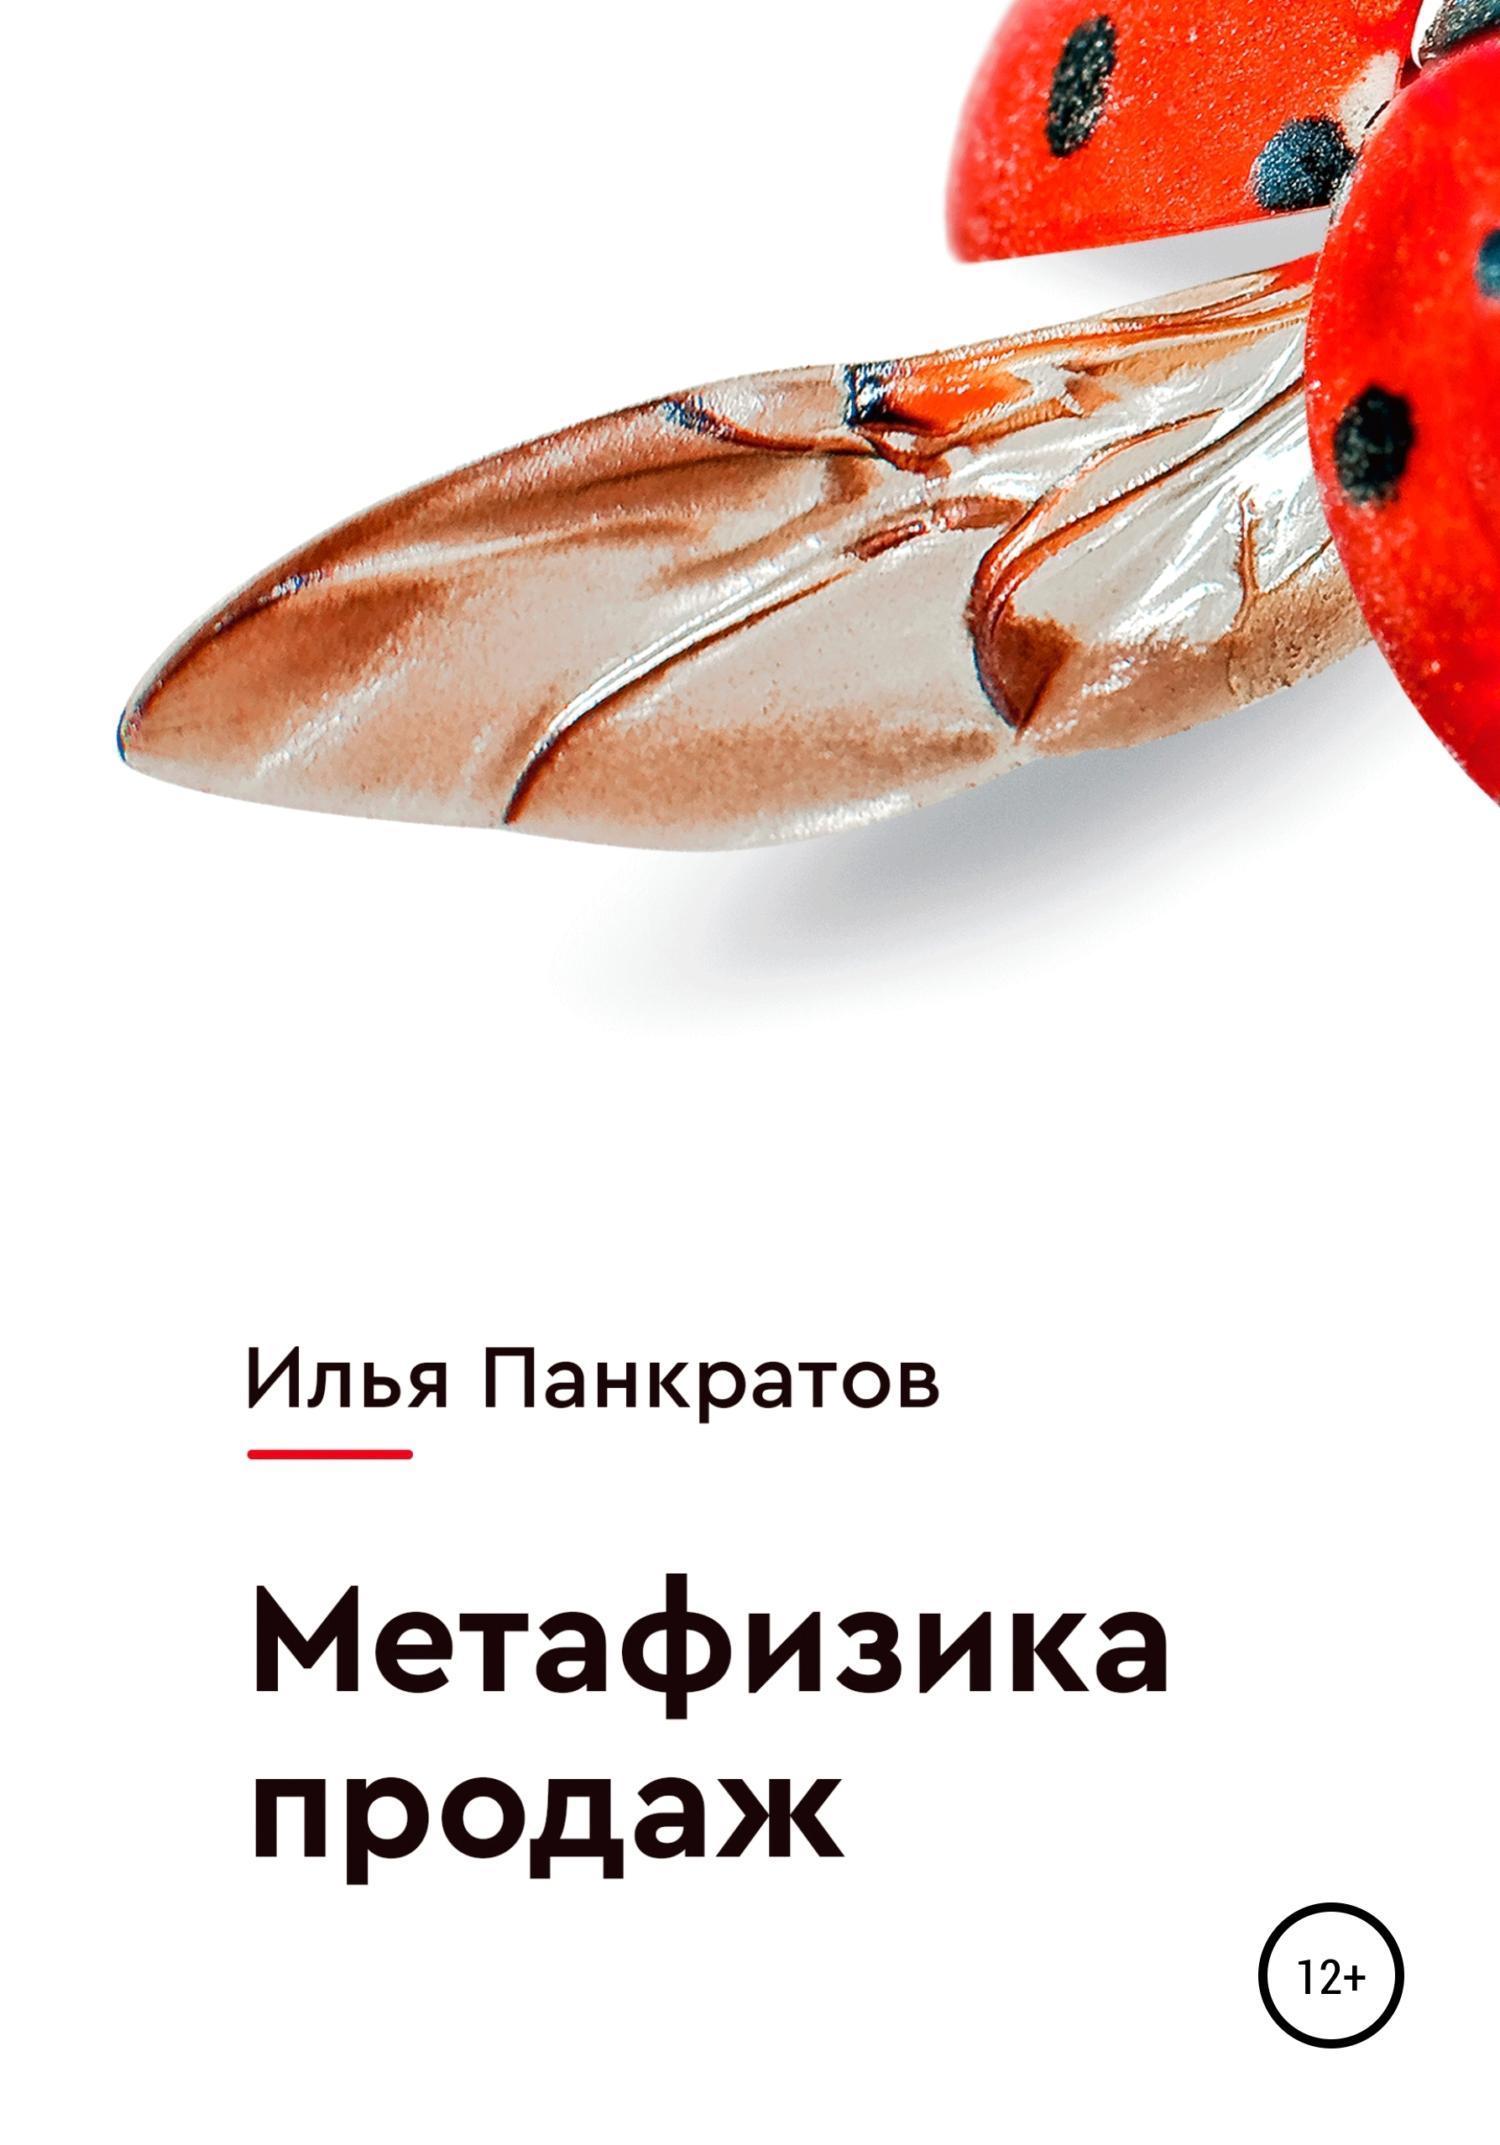 Купить книгу Метафизика продаж, автора Ильи Панкратова